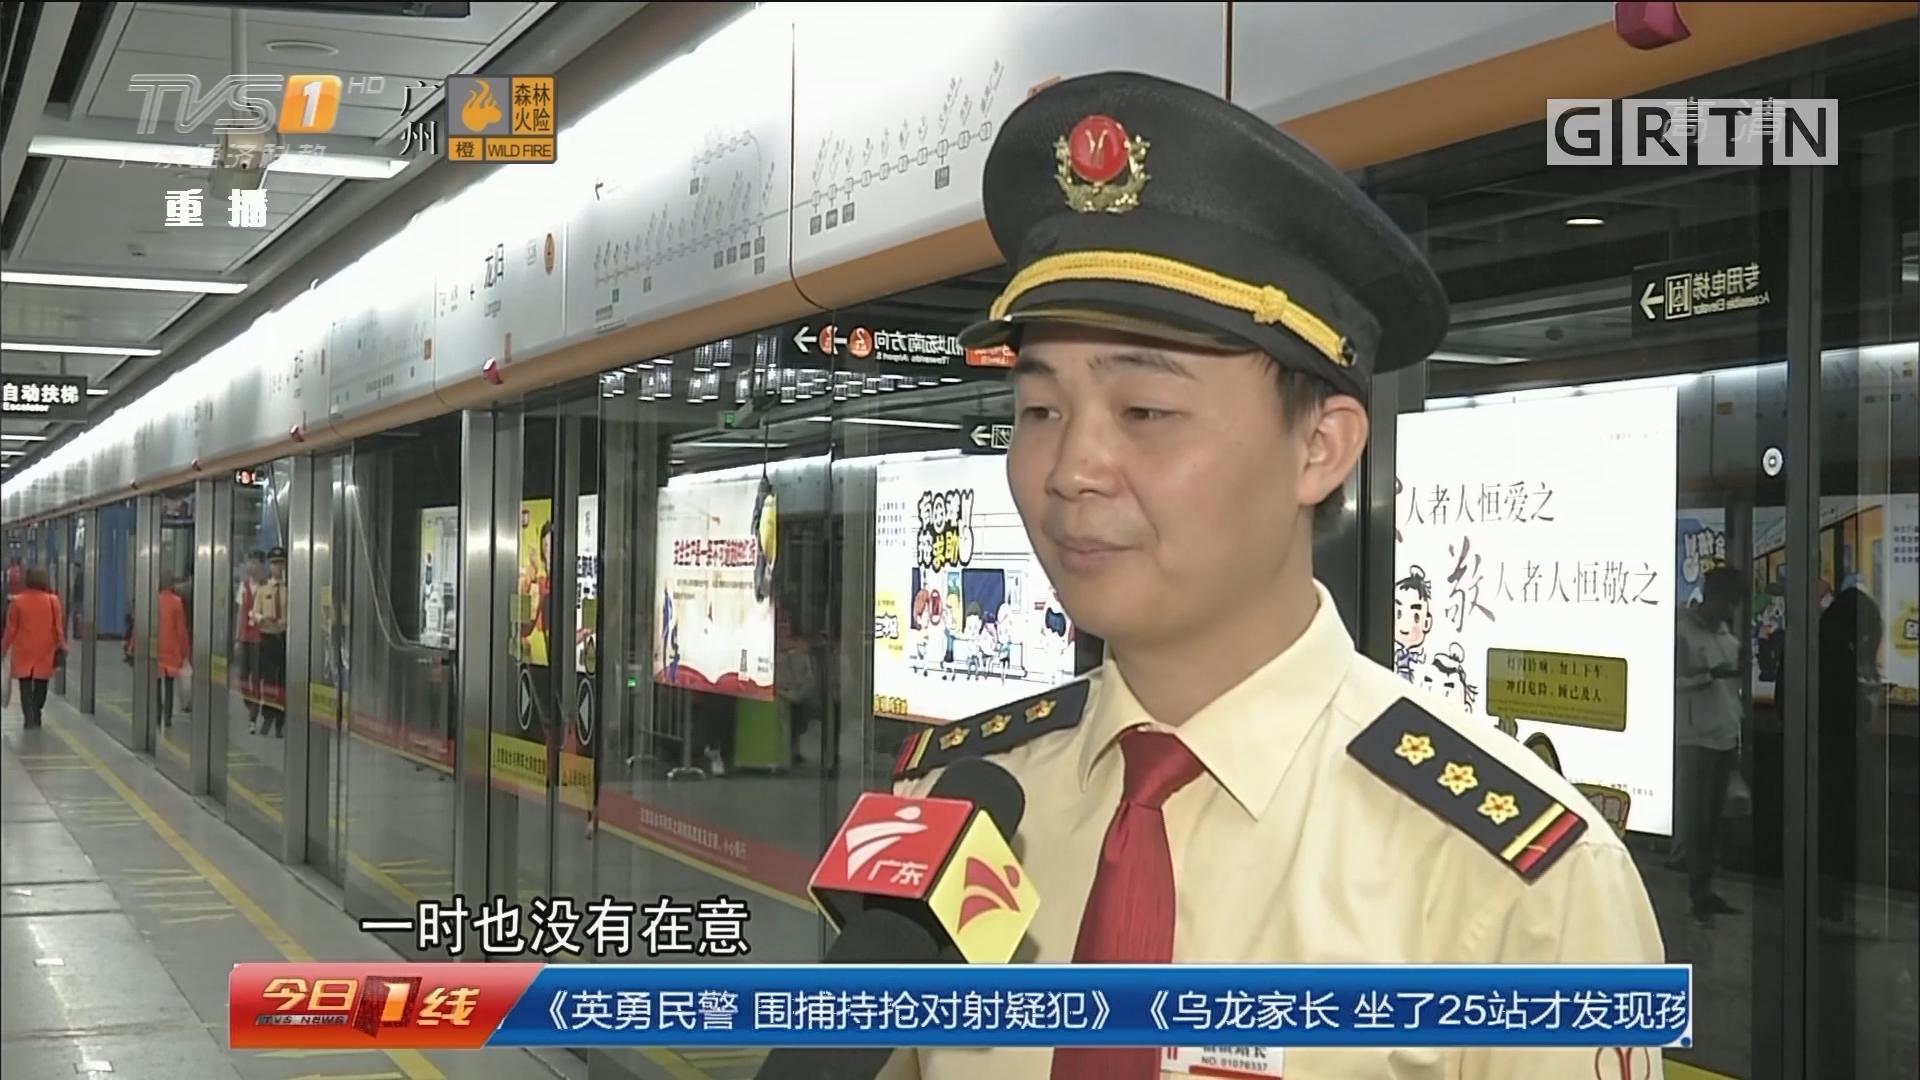 广州:乌龙家长 坐了25站才发现孩子丢了